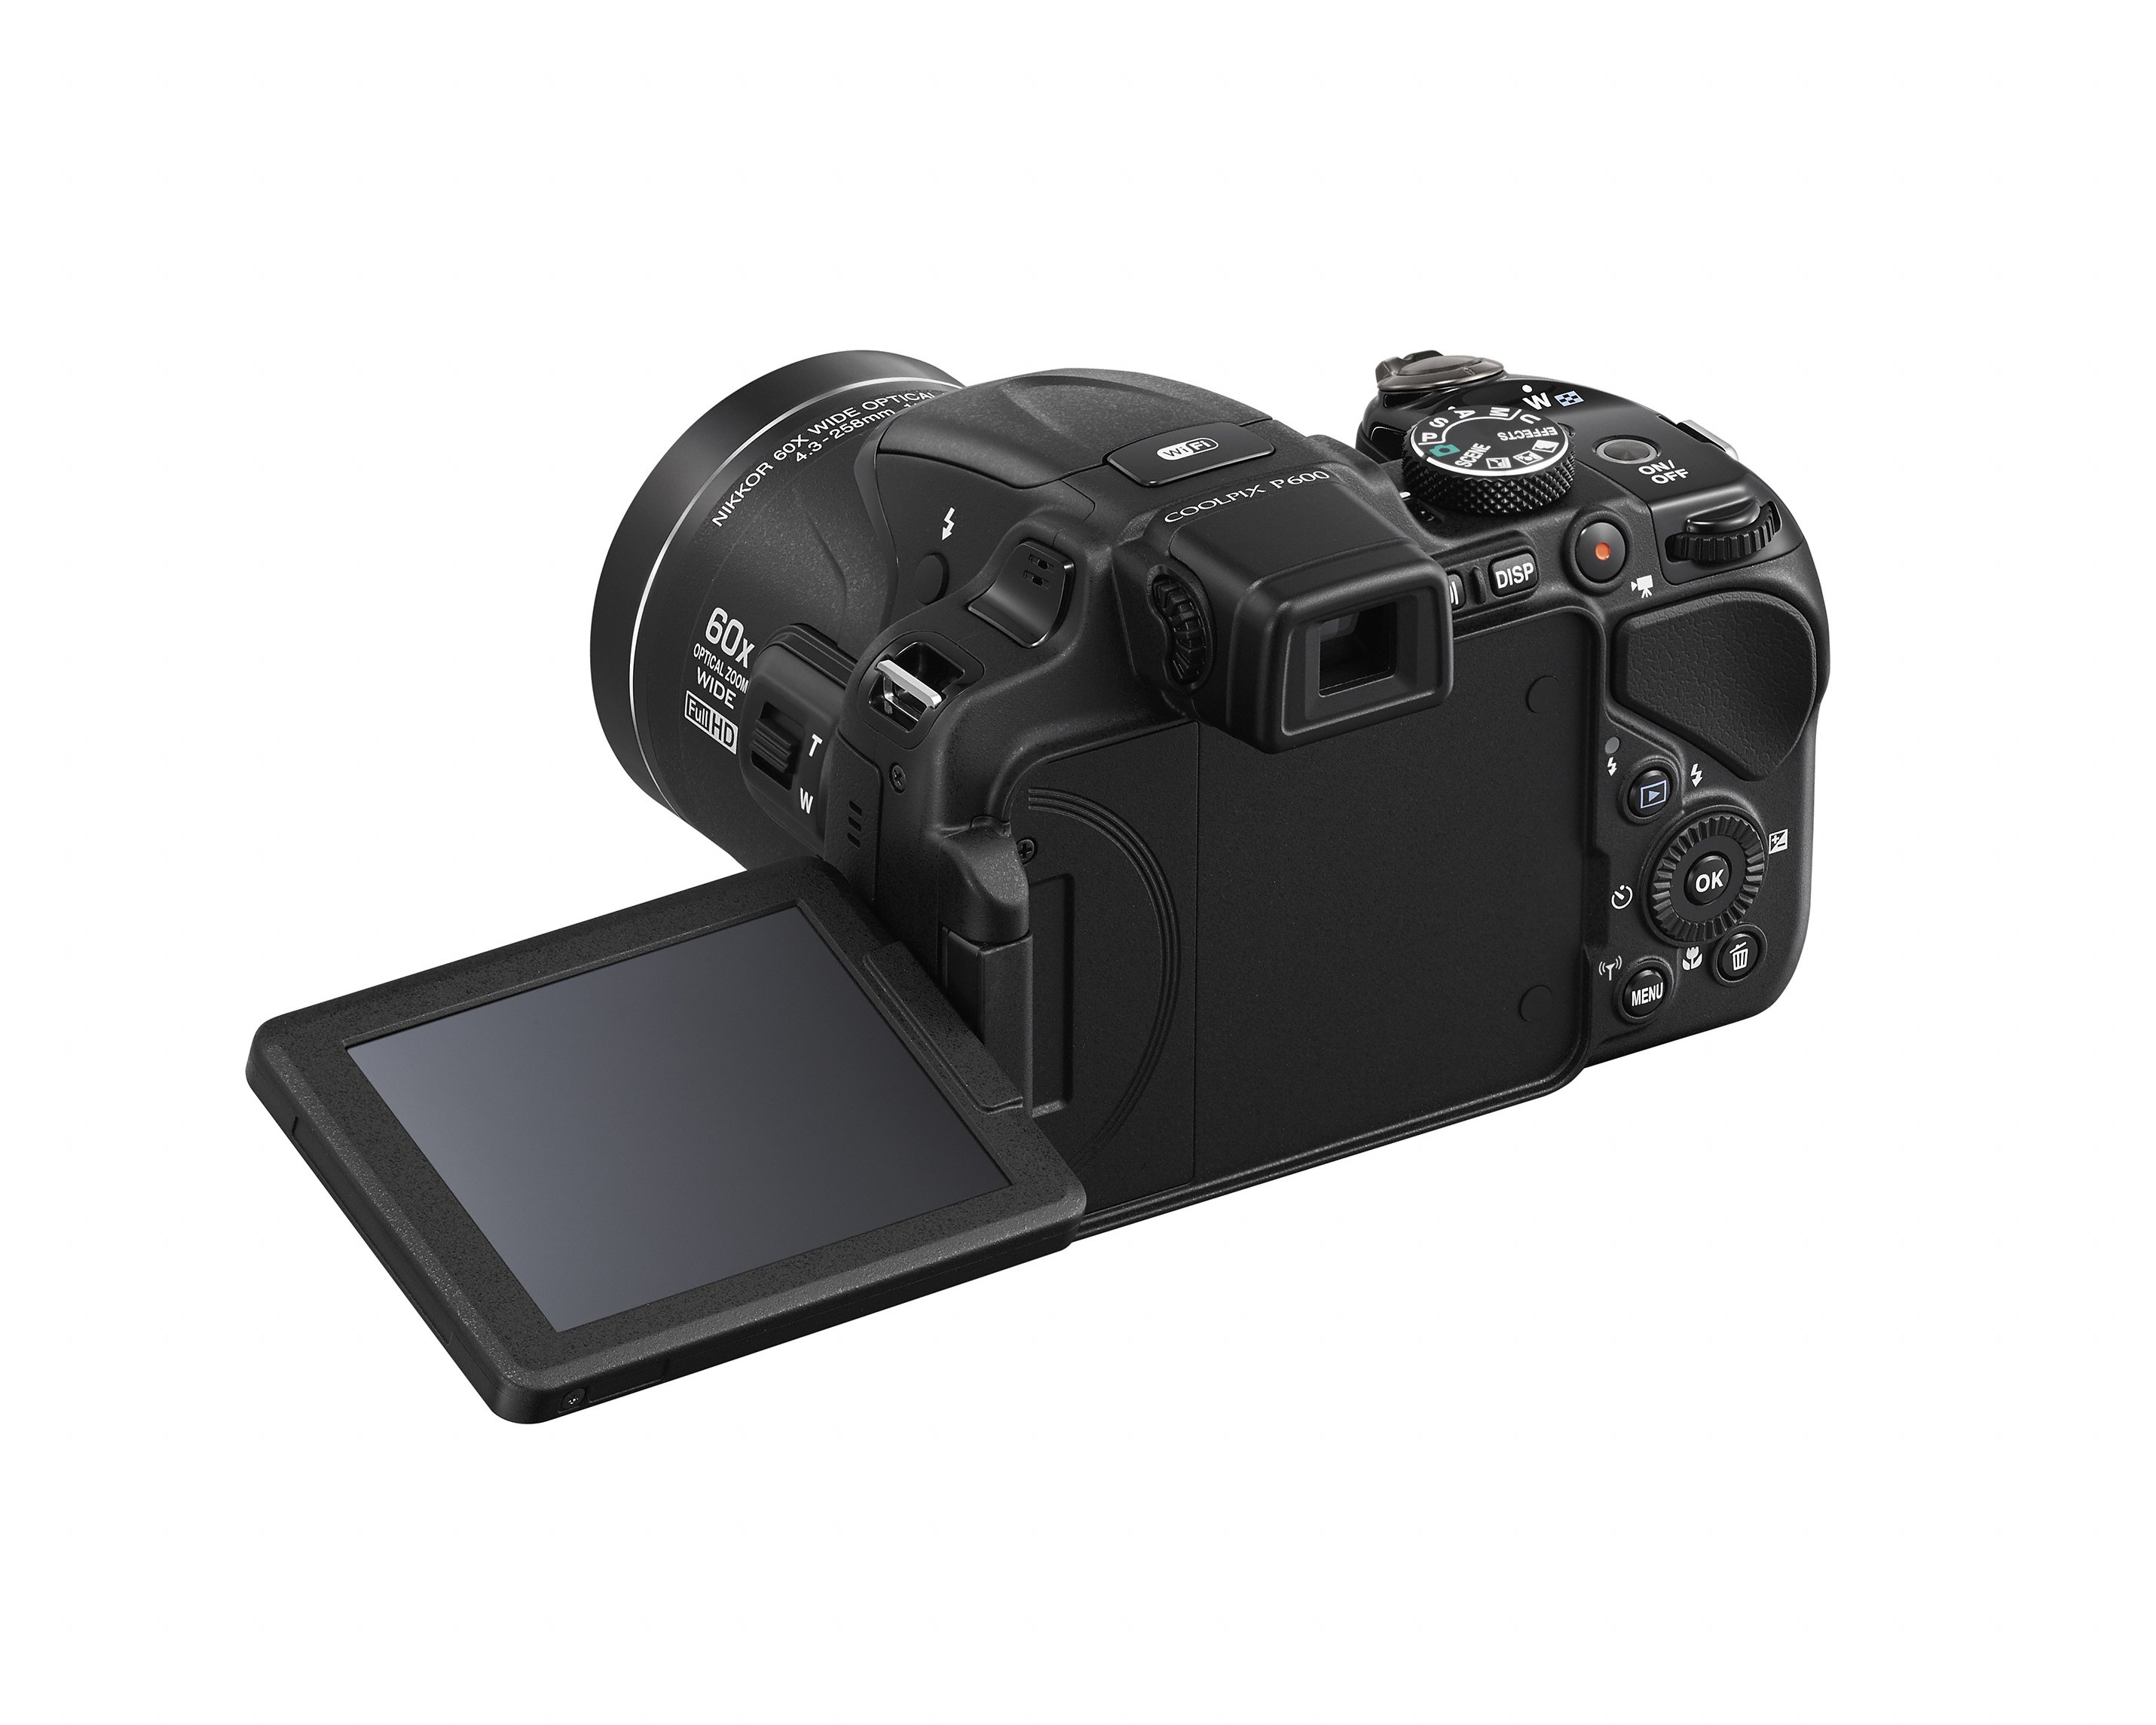 Fashionable Pix Photo Gallery Pix From Nikon Nikon Pix P6000 Review Nikon Pix P600 Firmware Update dpreview Nikon Coolpix P600